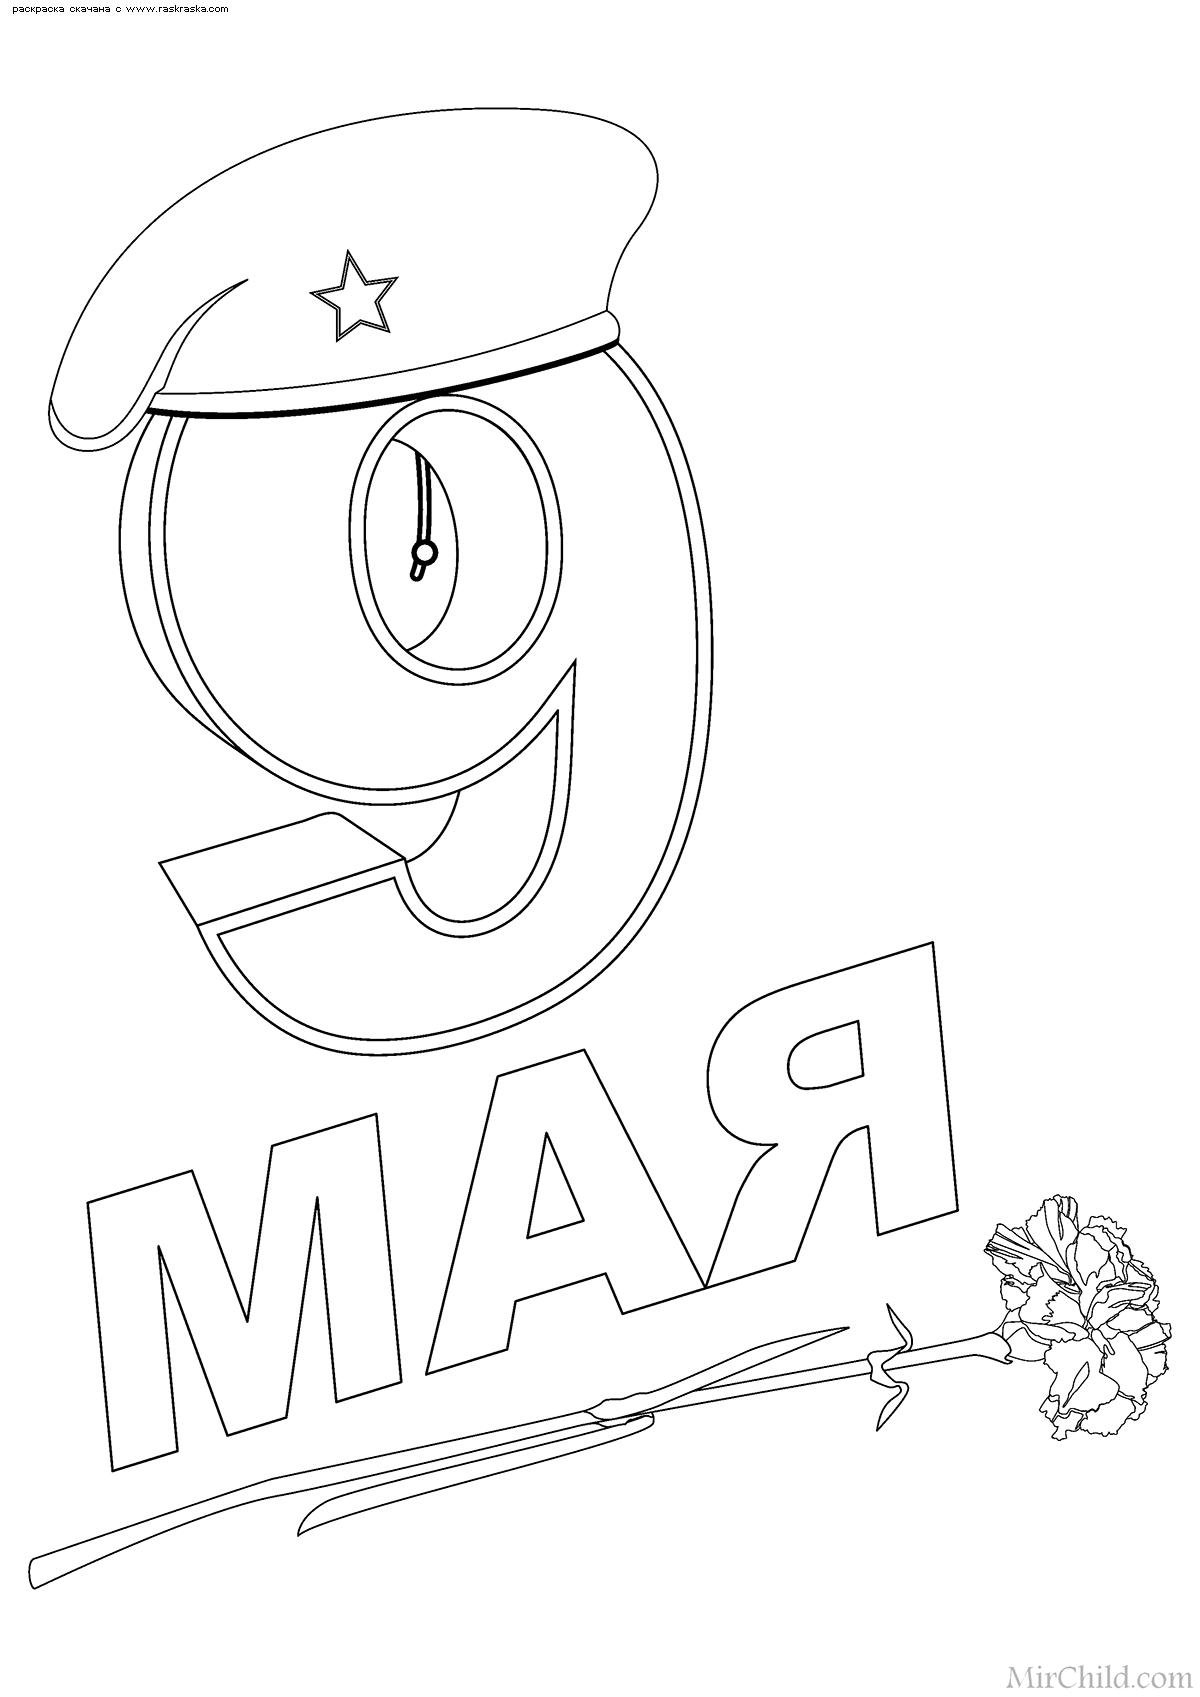 Раскраска 9 мая. Раскраска гвоздика, день победы, 9 мая, берет